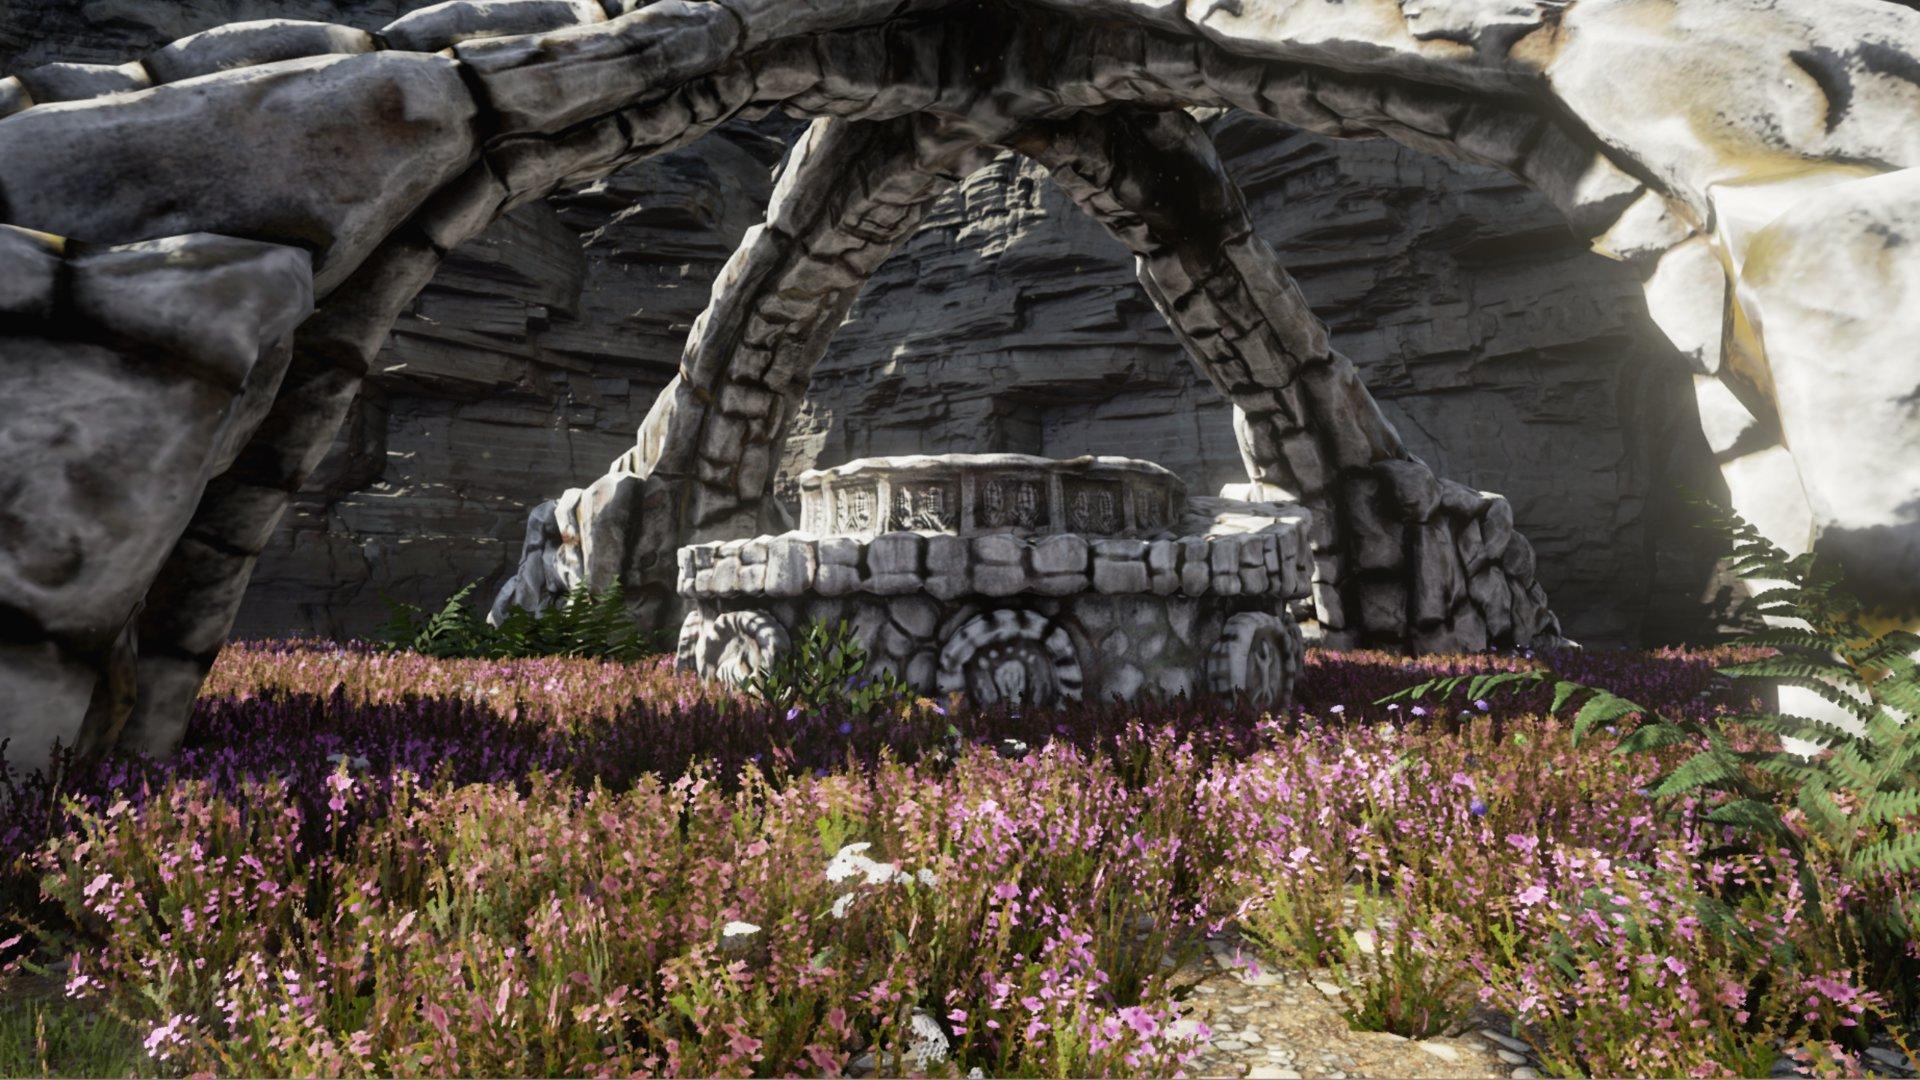 Marleen vijgen altar detail